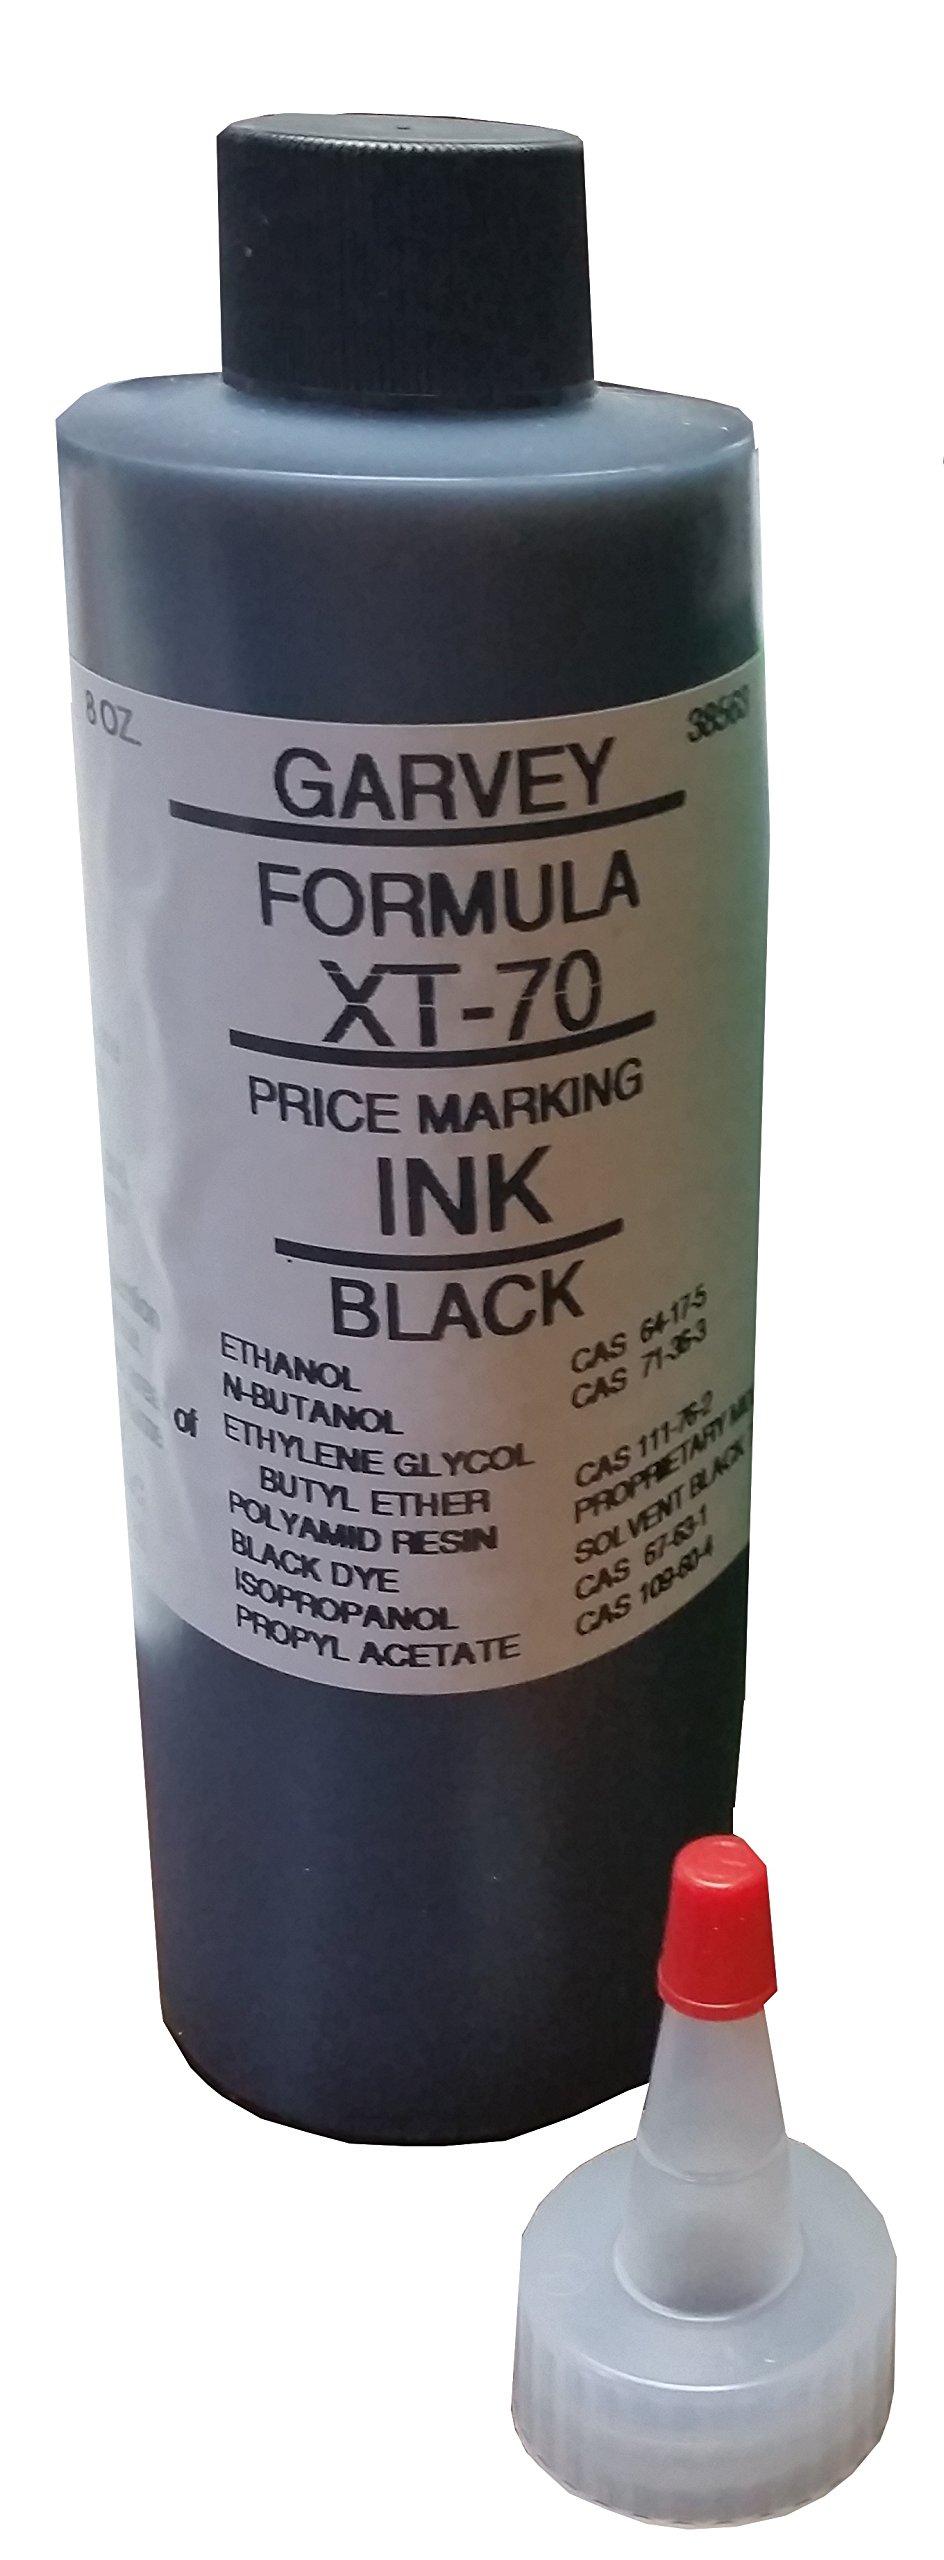 Formula XT-70 Black Price Marking Ink for Grocery Band Stamper (8 oz.)